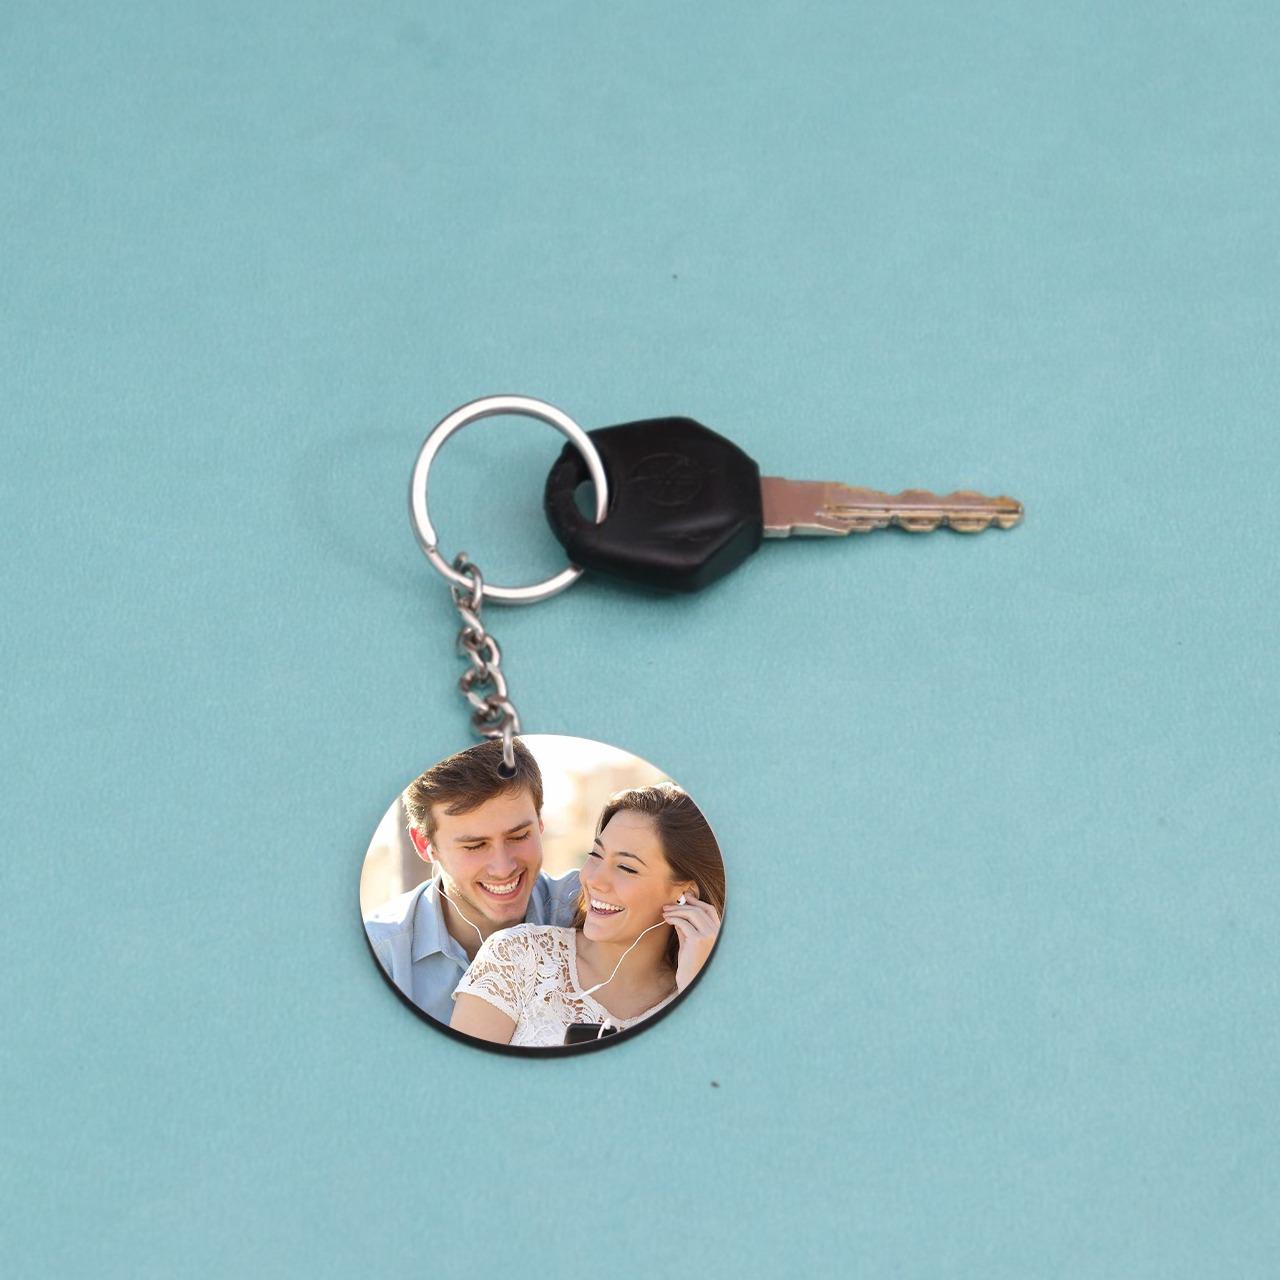 Round Personalized  Keychain